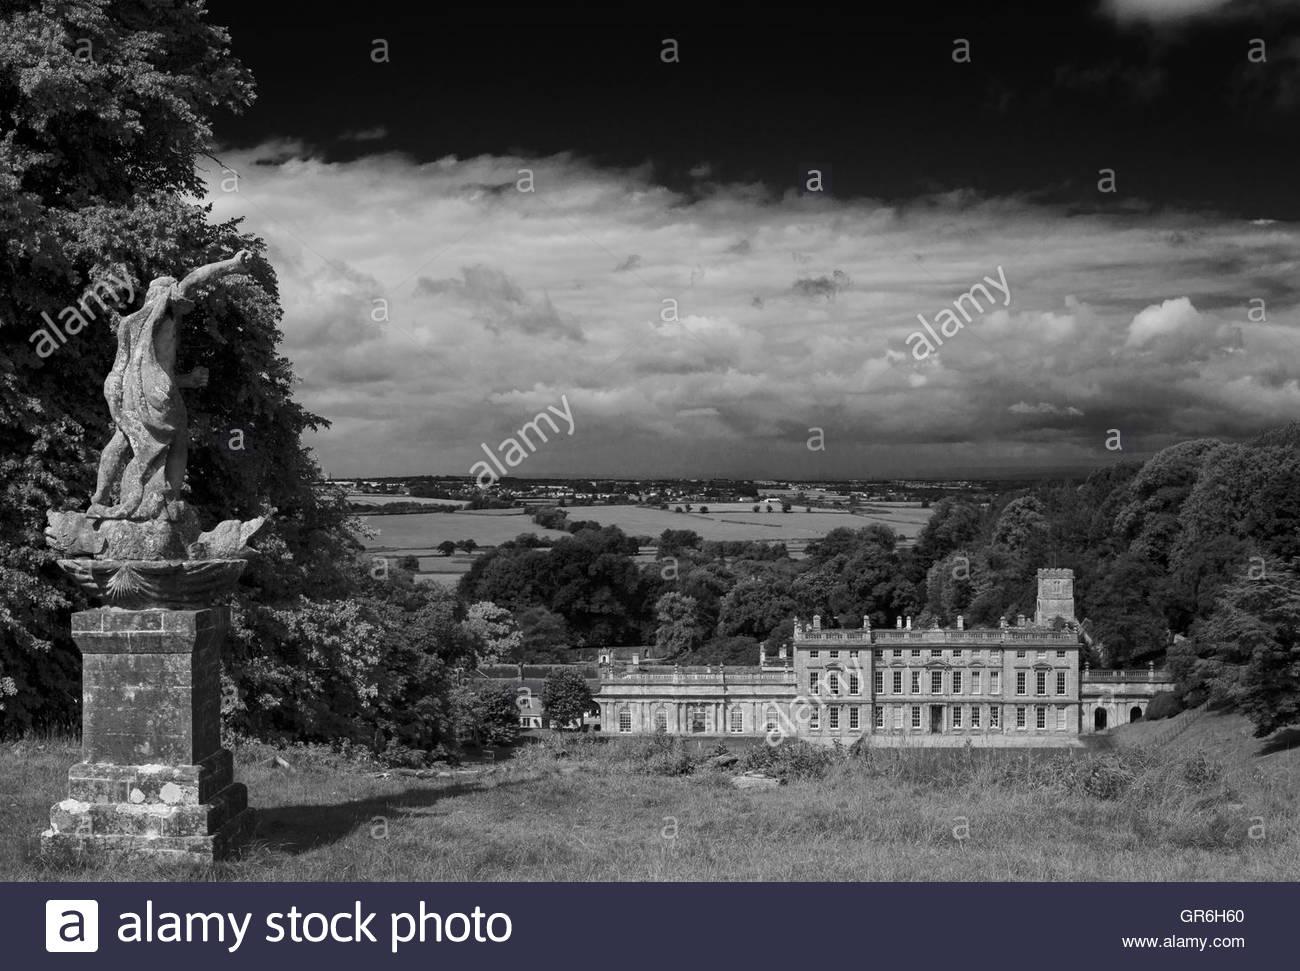 Gardens at Dyrham Park, gloucestershire, England, UK - Stock Image